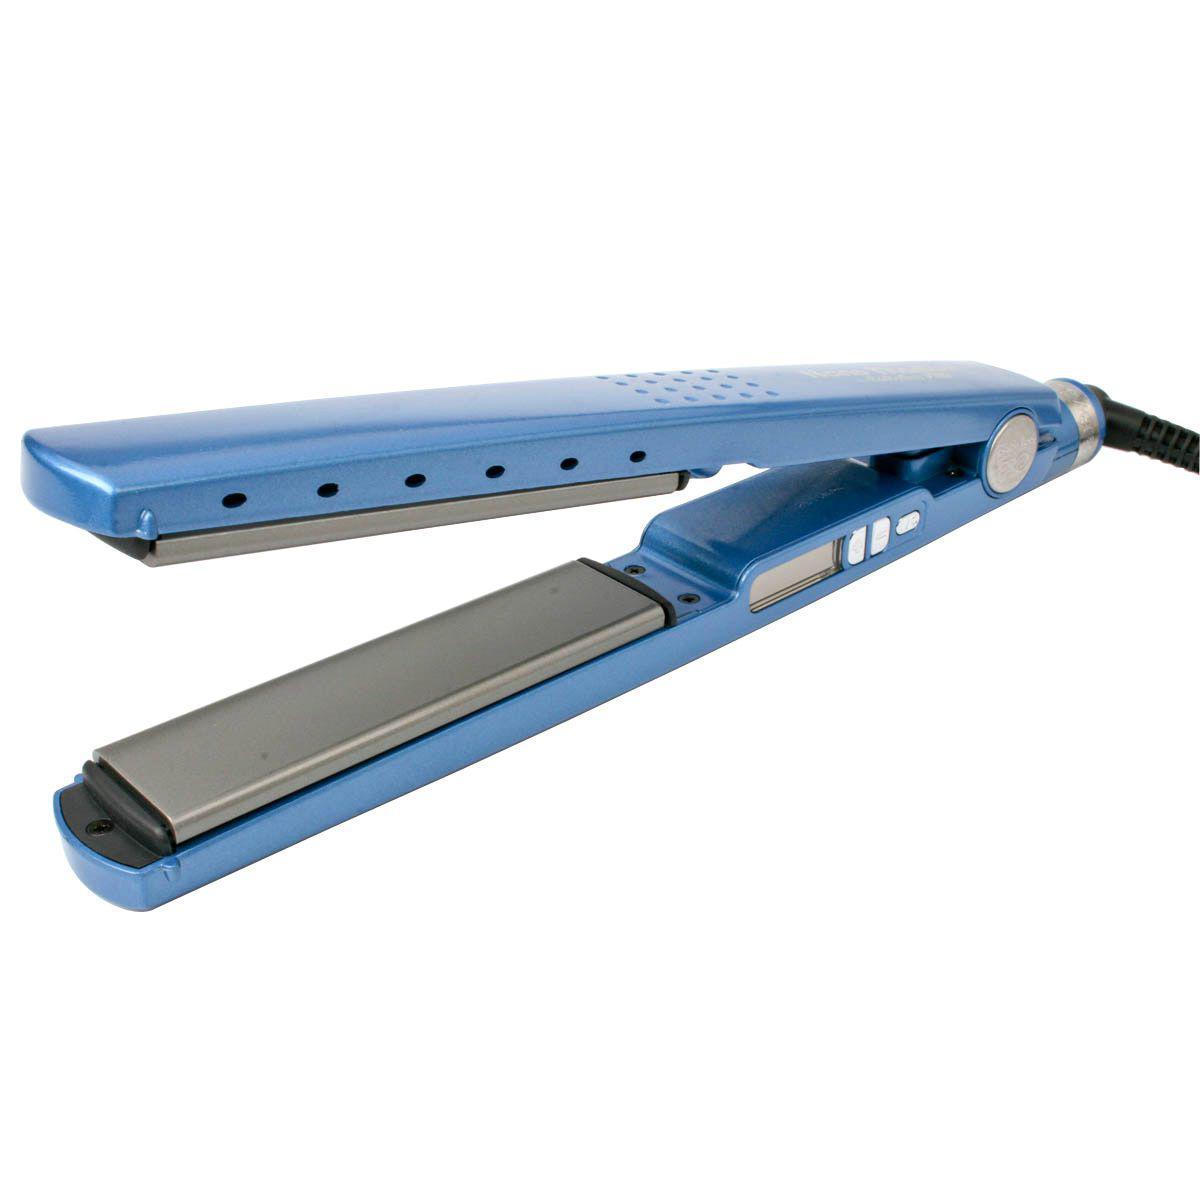 9c78a9d93 Prancha Nano Titanium 450F Importada - Ideal para progressivas - Lojascast R$  189,98 à vista. Adicionar à sacola